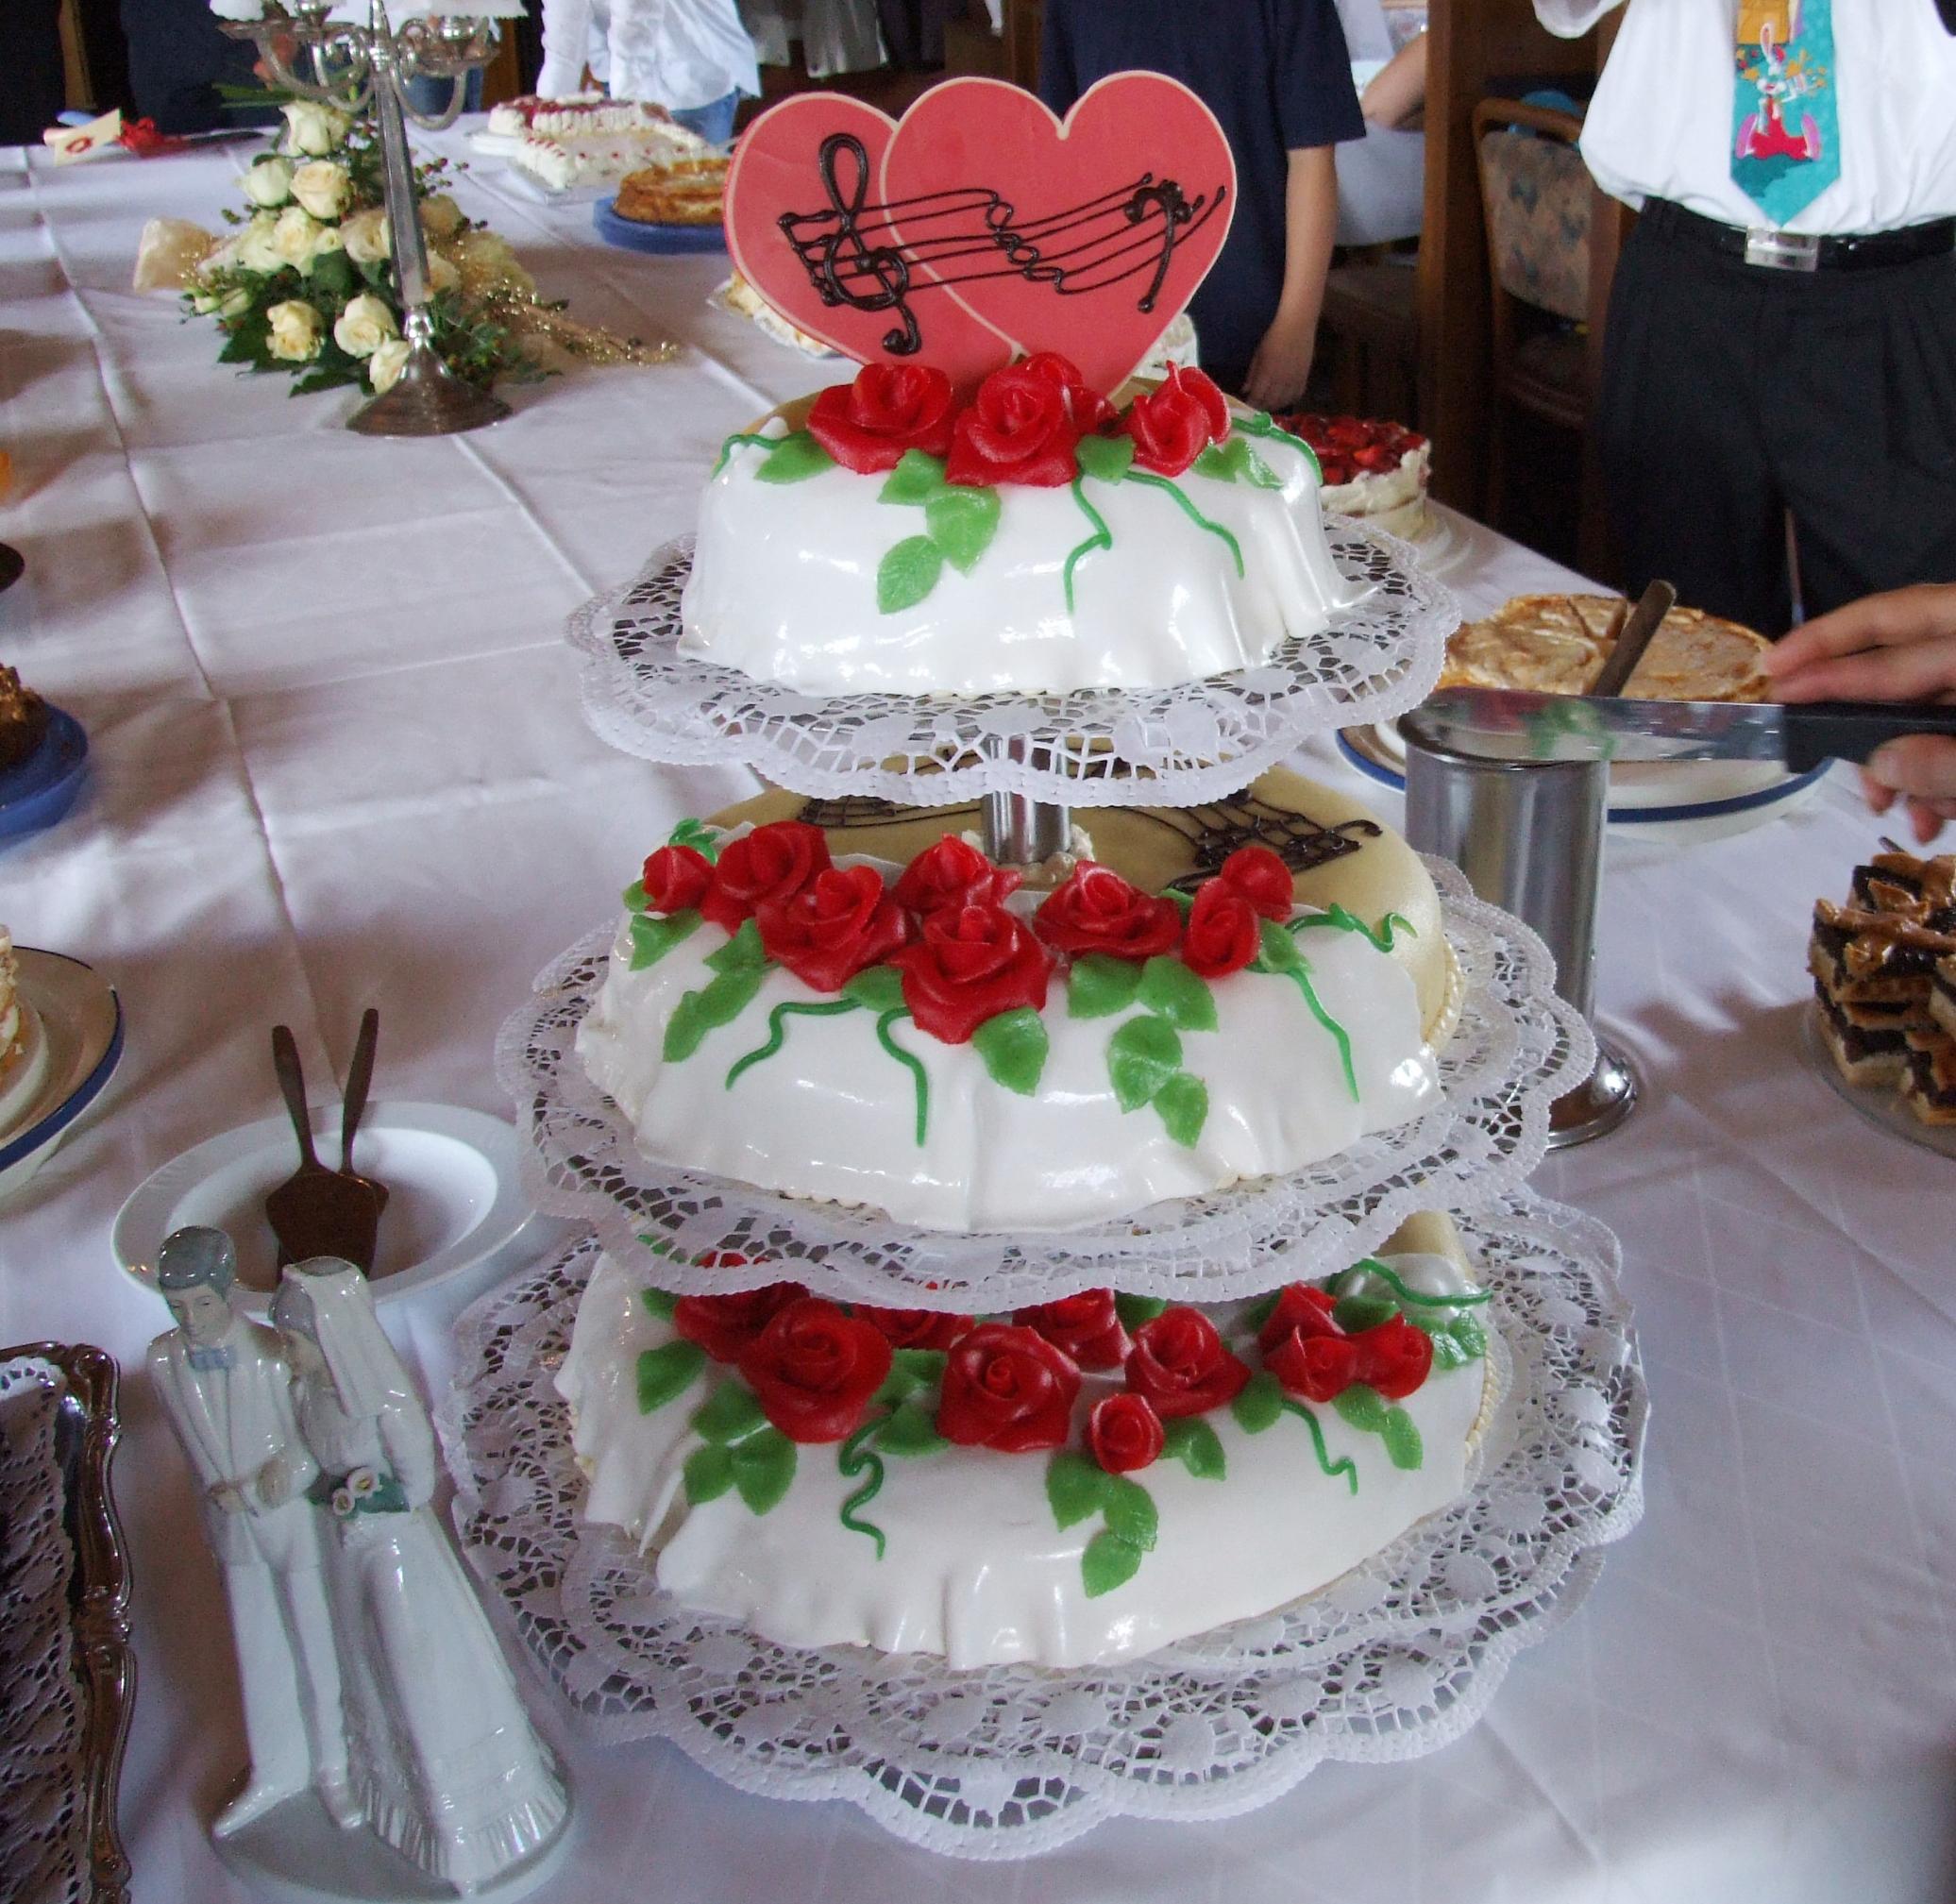 Datei:Hochzeitstorte.jpg – Wikipedia